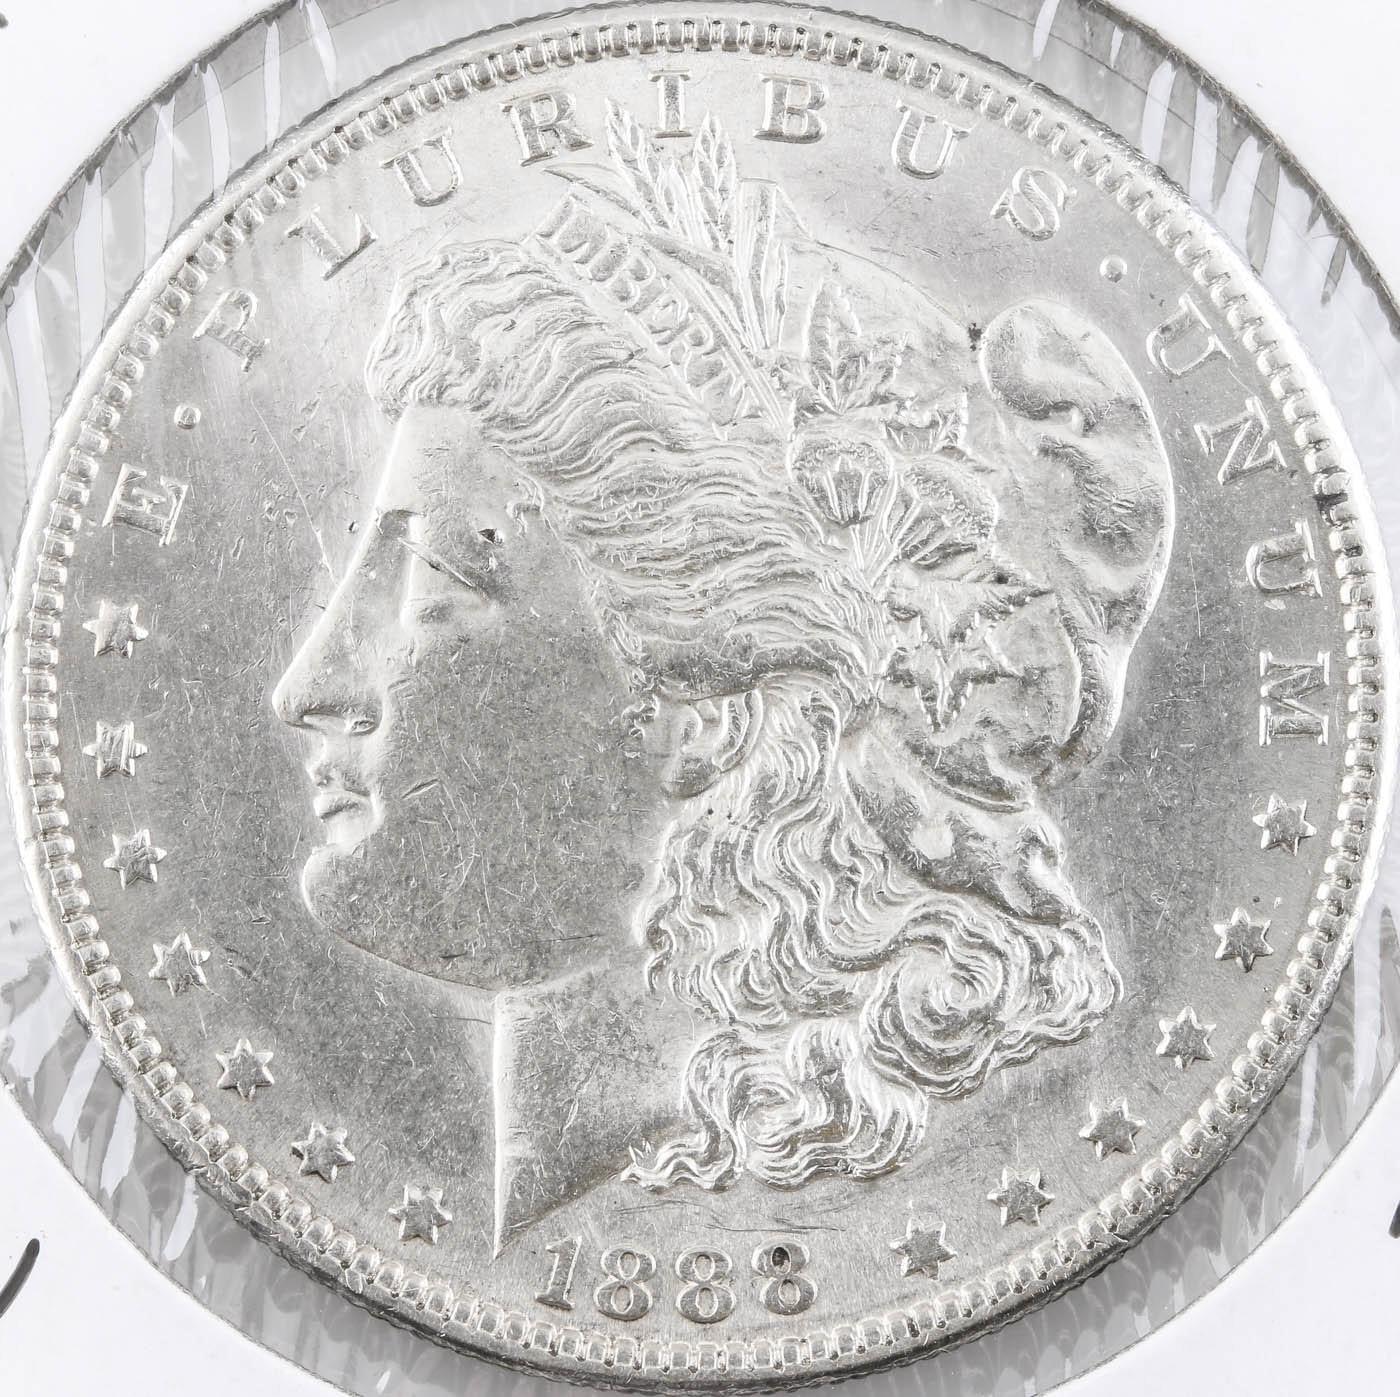 Low mintage 1888-S Silver Morgan Dollar